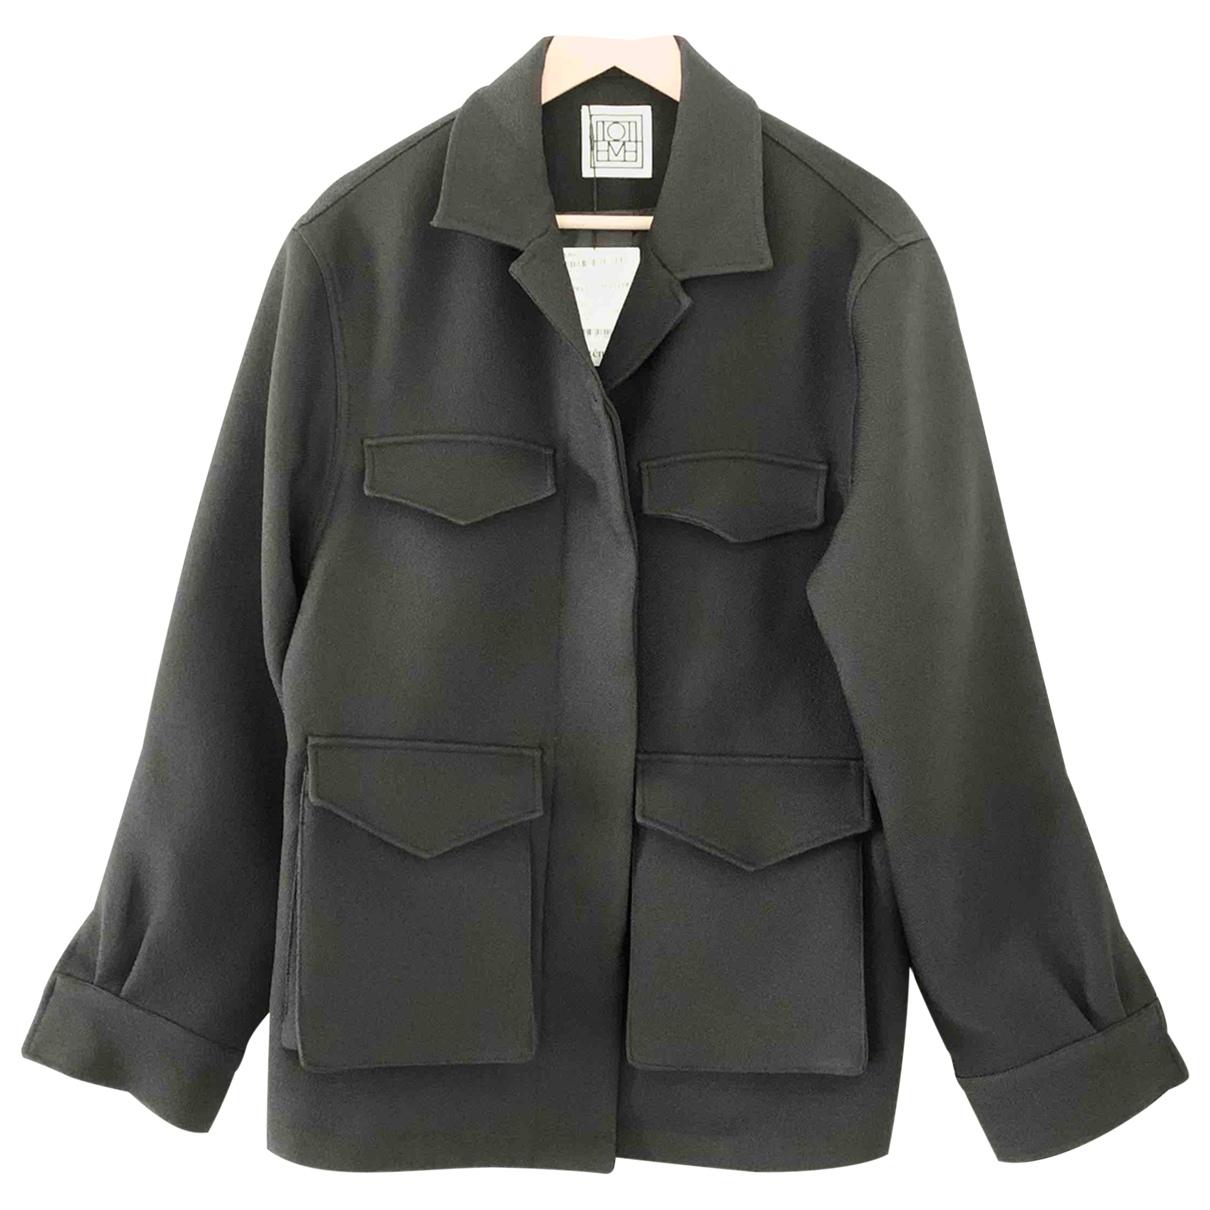 Totême \N Black coat for Women S International